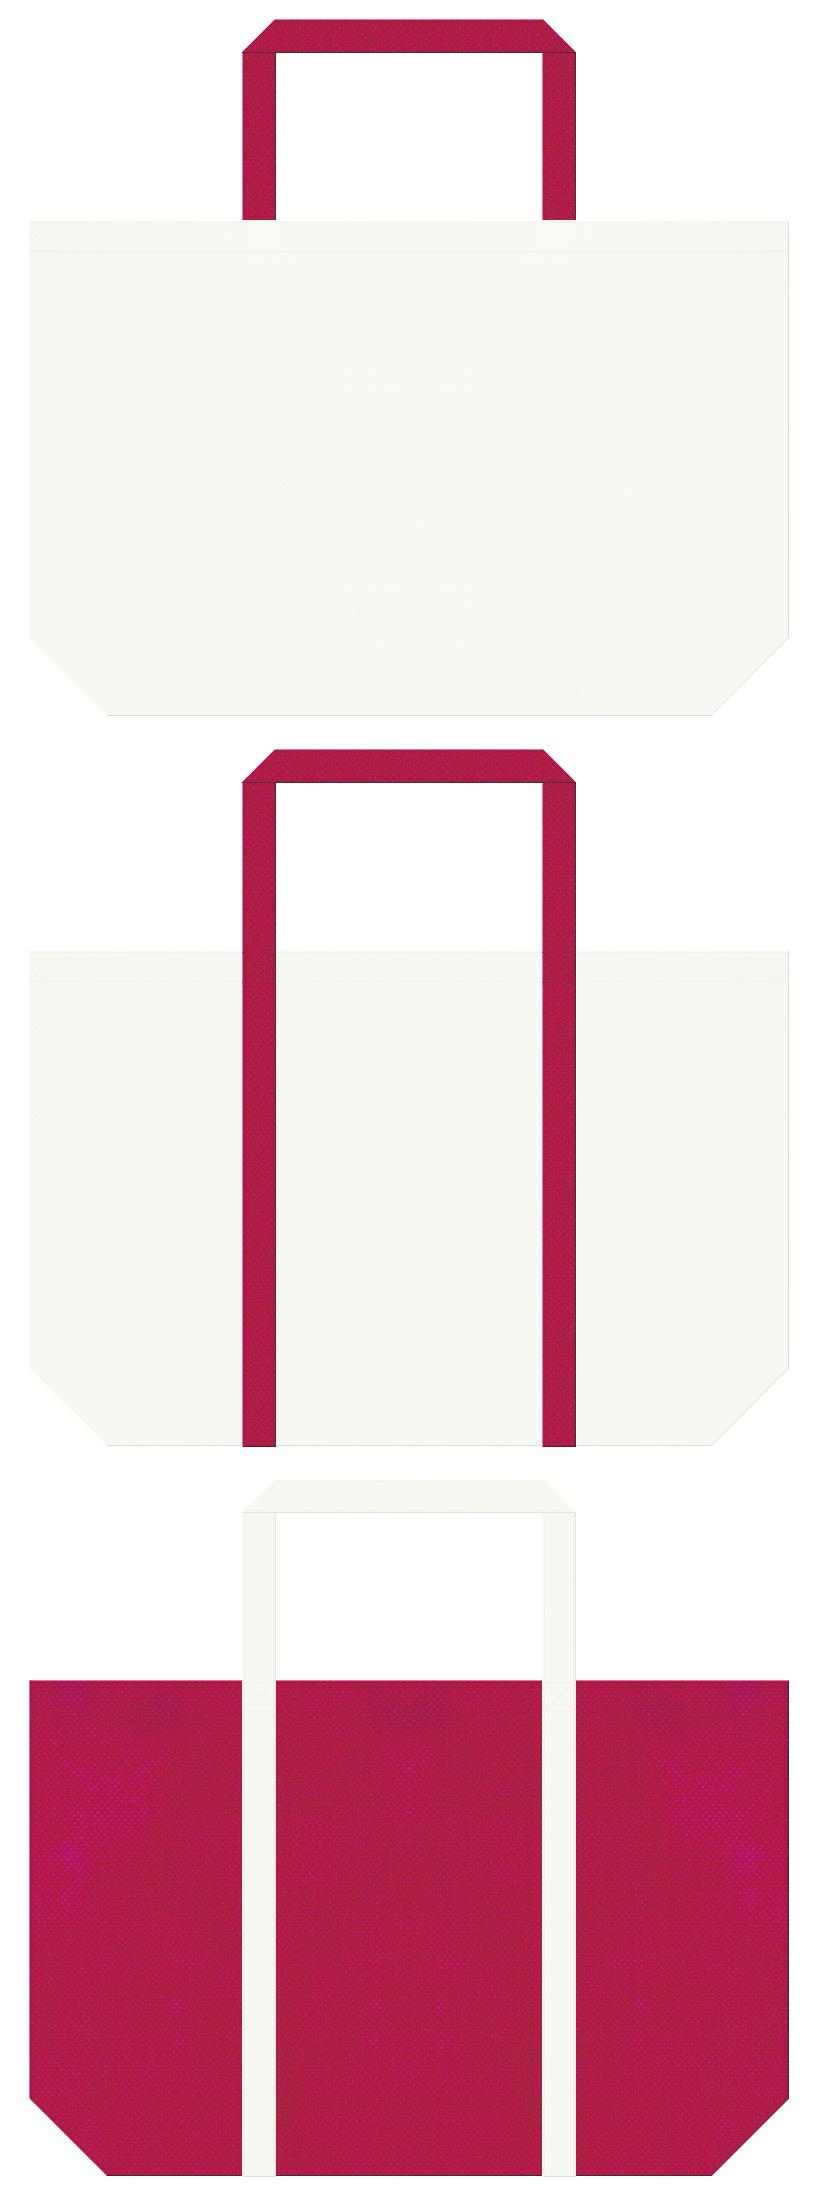 オフホワイト色と濃いピンク色の不織布ショッピングバッグのデザイン:テーマパーク・ブライダルギフト商品のショッピングバッグにお奨めです。